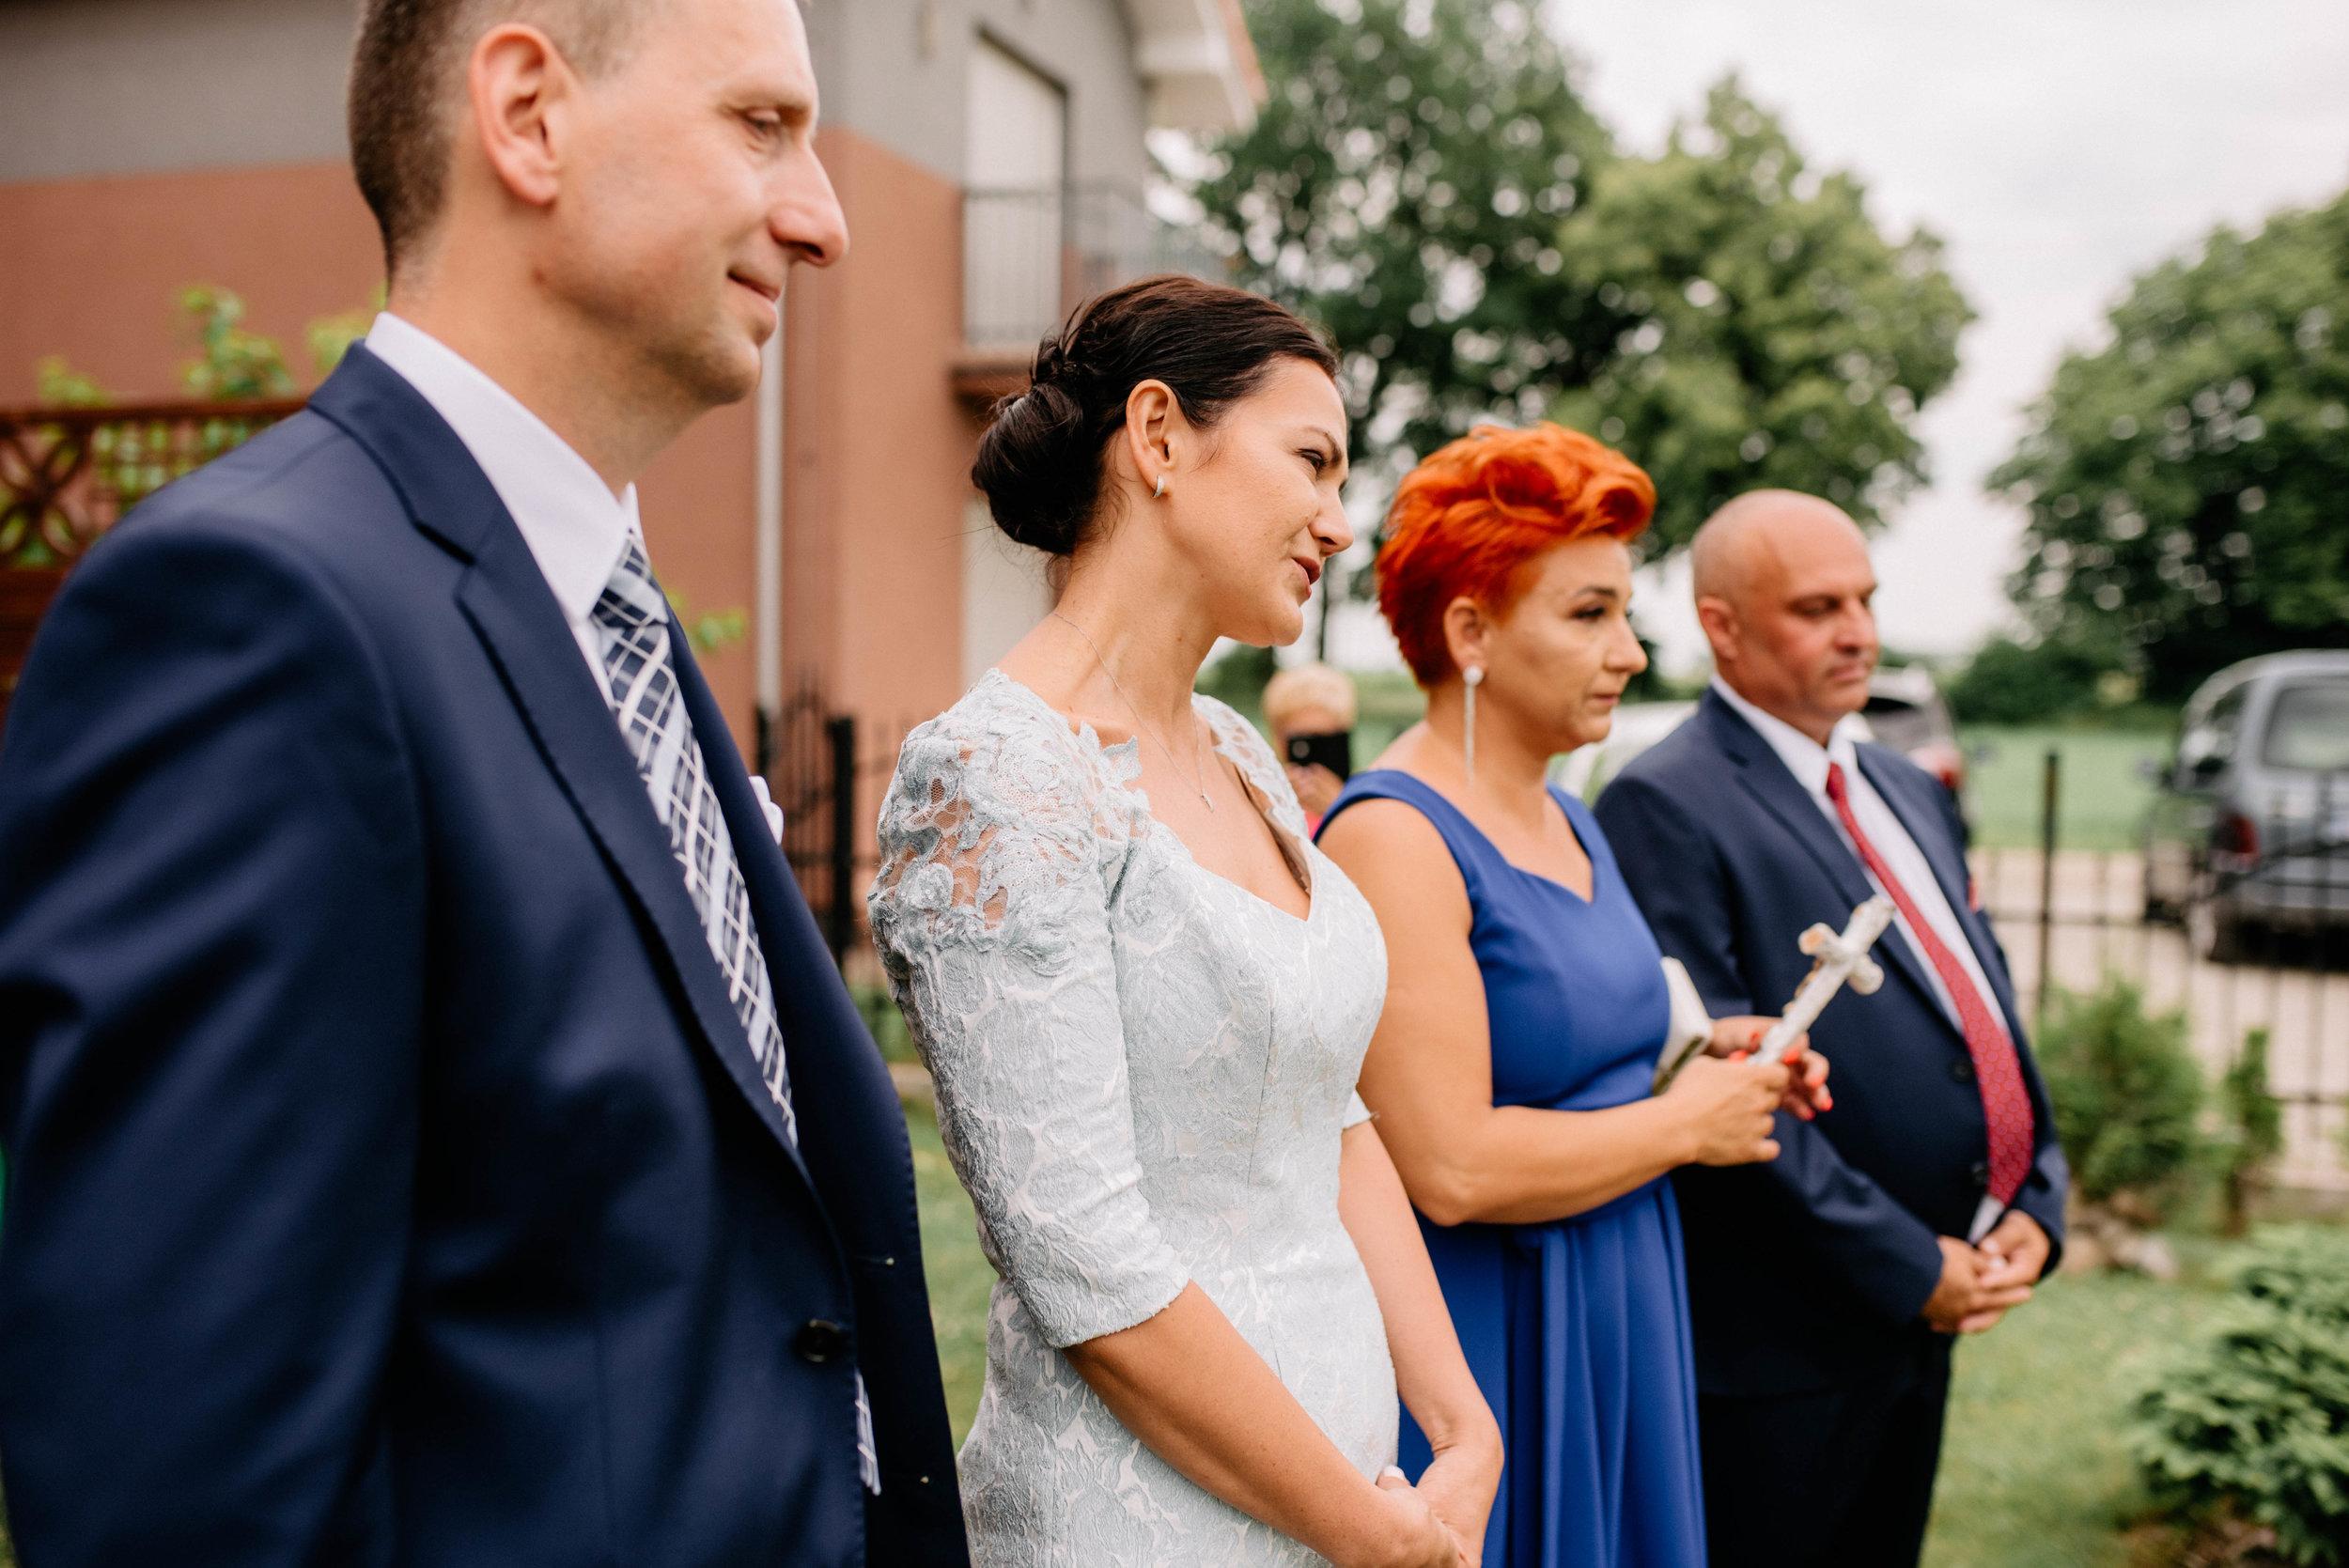 sandra_michał_ślub_wrocław_pałac_pawłowice-49.jpg